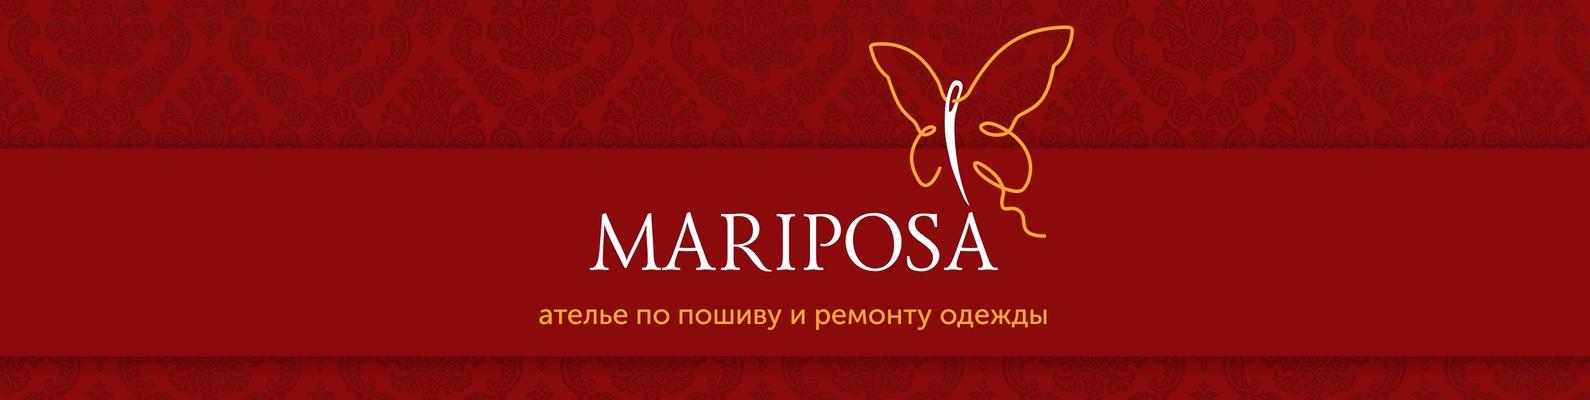 901caa267c453 MARIPOSA | Ателье по пошиву и ремонту одежды СПб | ВКонтакте